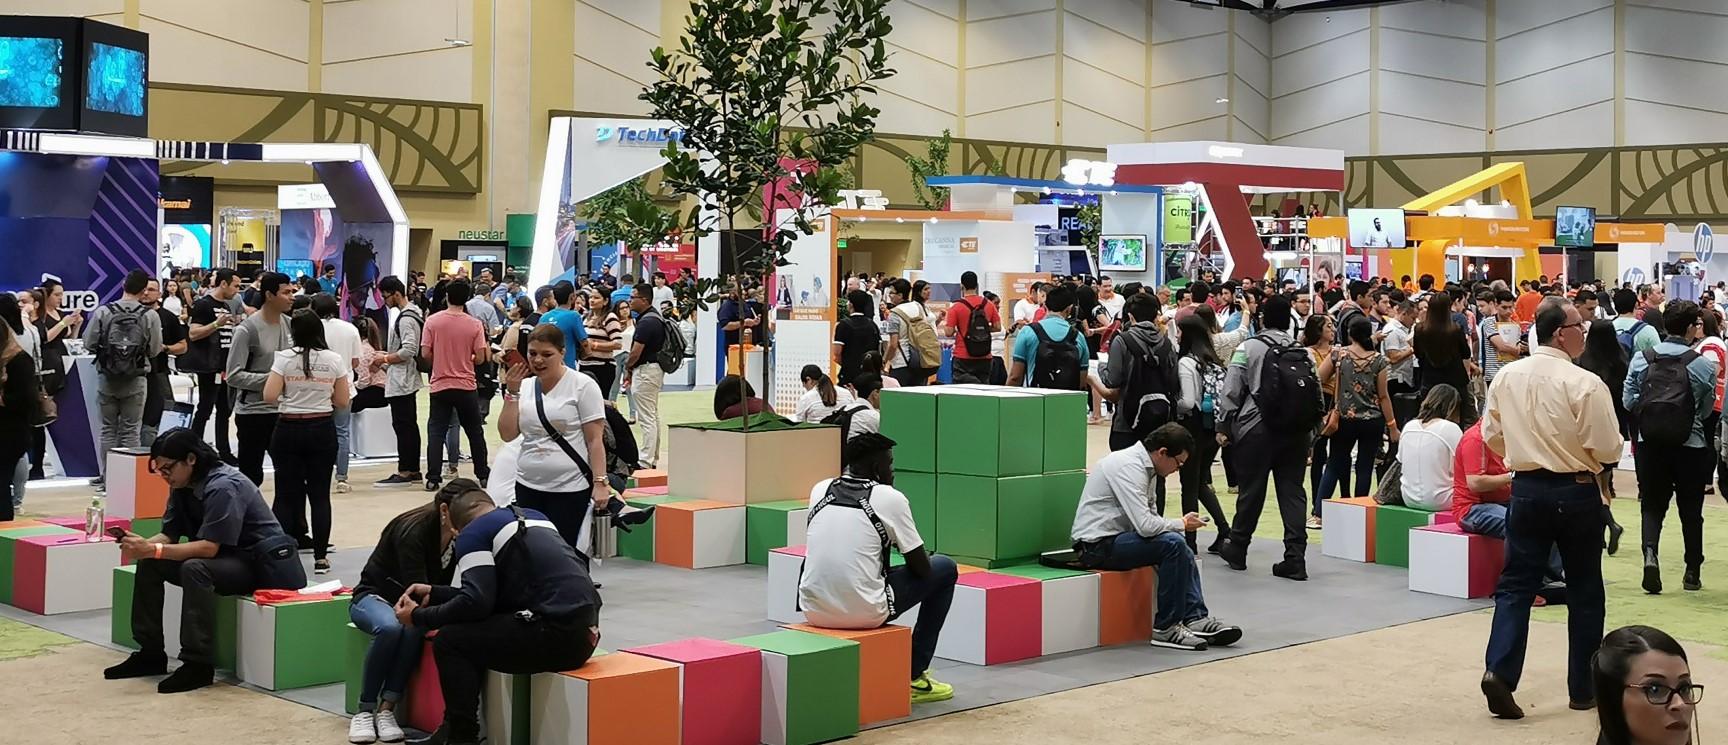 Más de 3.000 personas asistieron al primer día de CINDE Job Fair